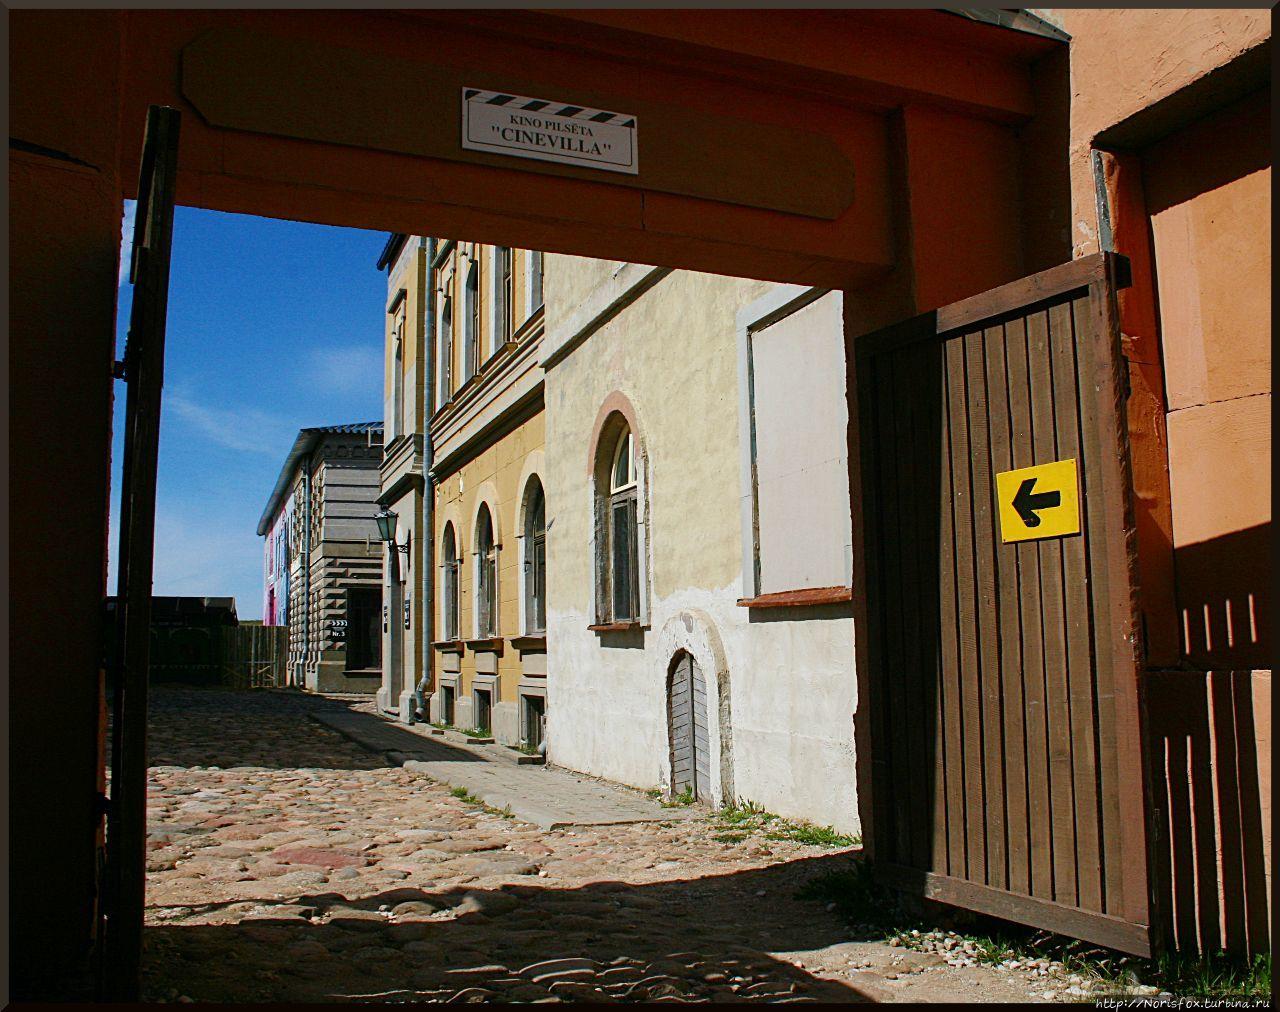 Киногородок Синевилла Слампе, Латвия